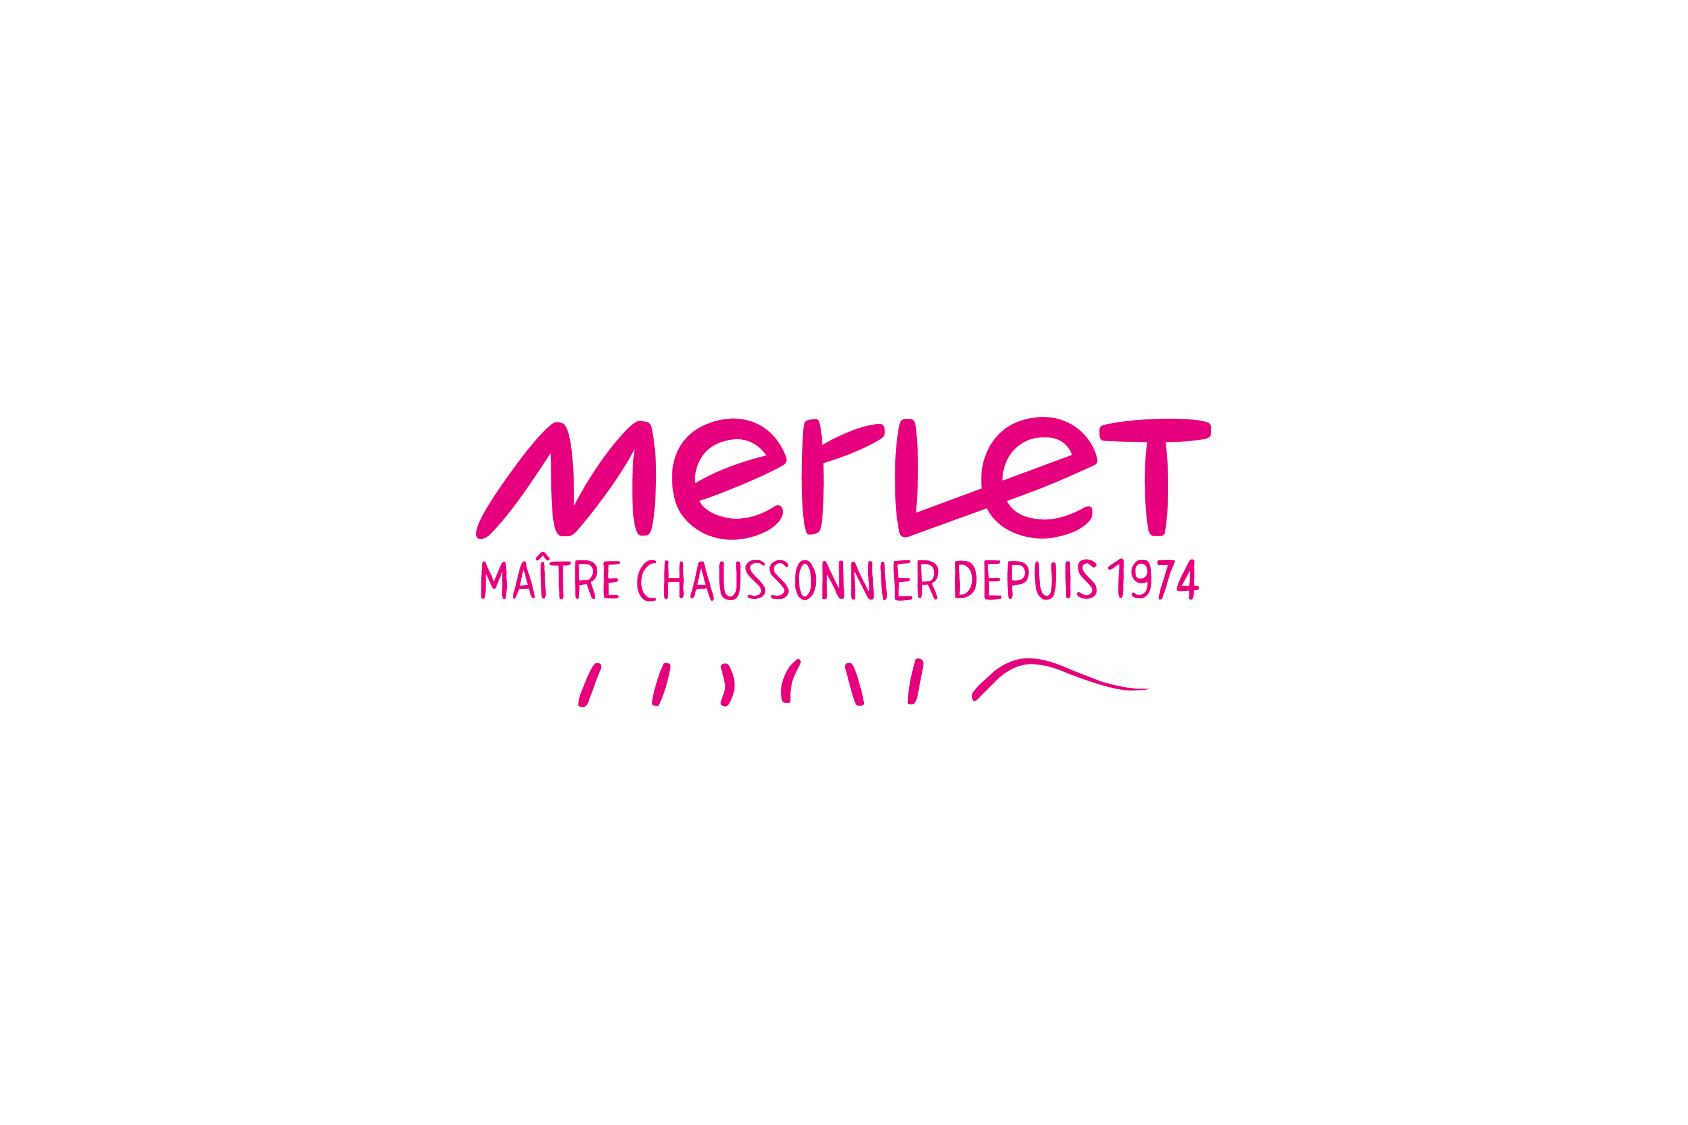 Merlet : bénéficiez d'une expérience vieille de près de 40 ans.